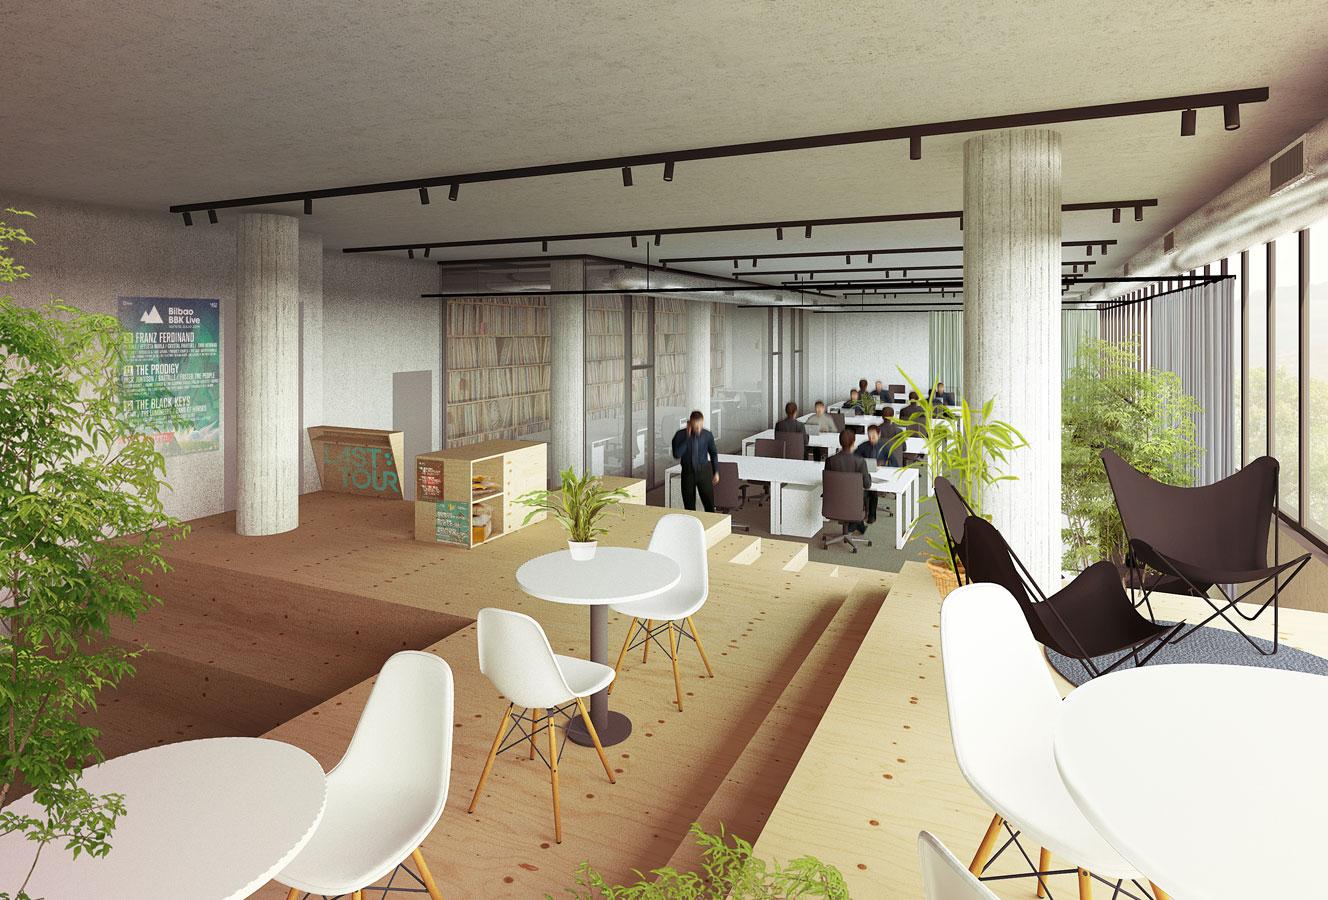 Dise o de oficinas en un edificio industrial garmendia for Bbk oficina central bilbao